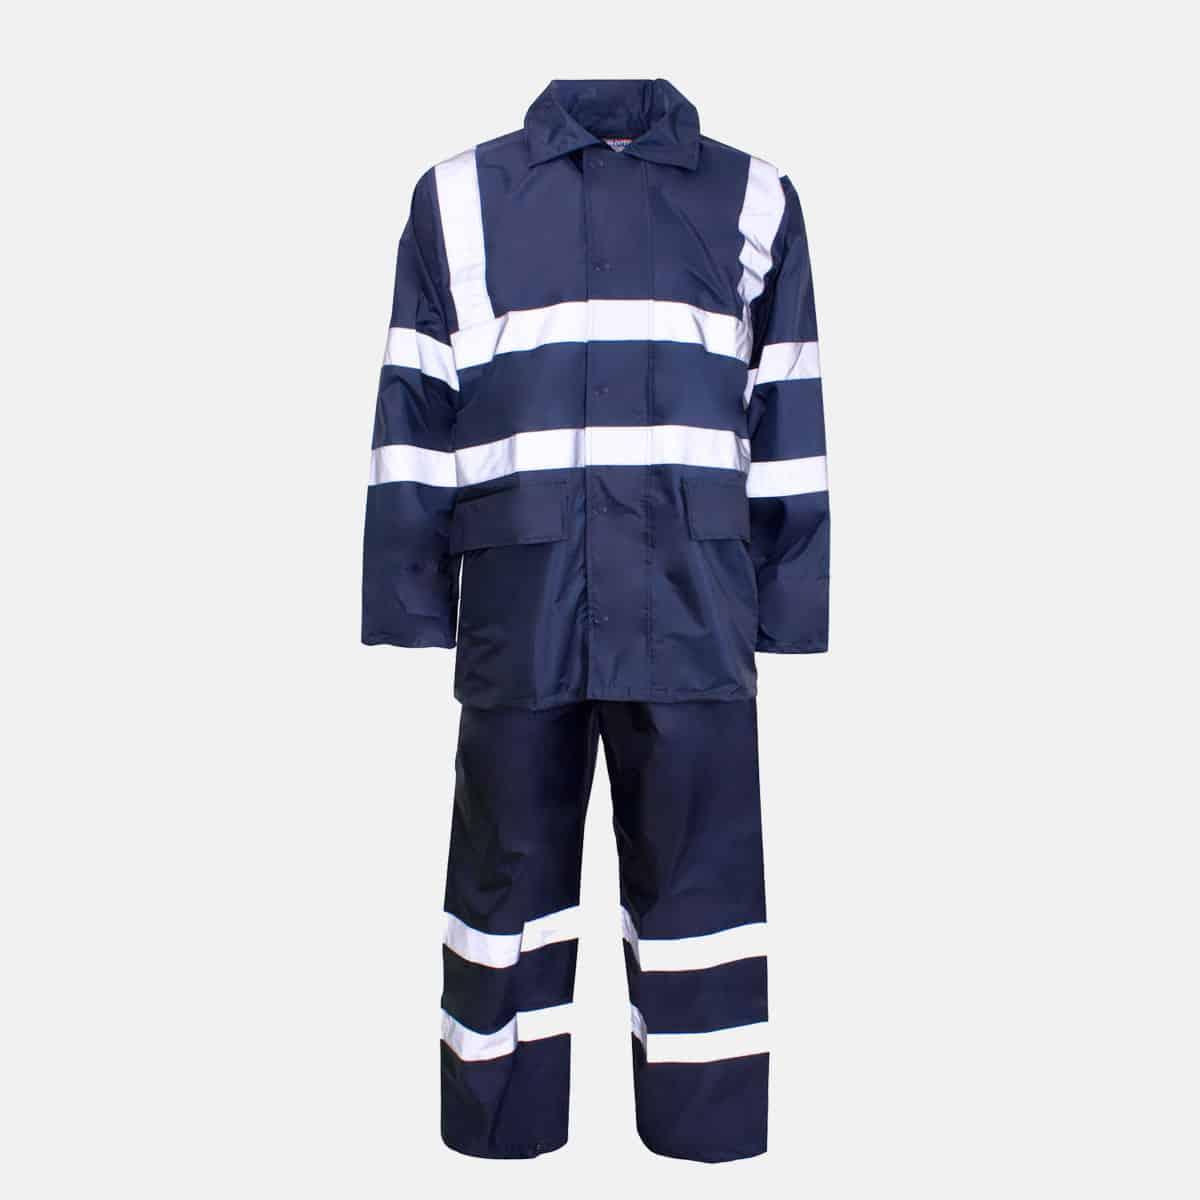 Polyester/PVC Hi Vis Navy Blue Rainsuit by Supertouch